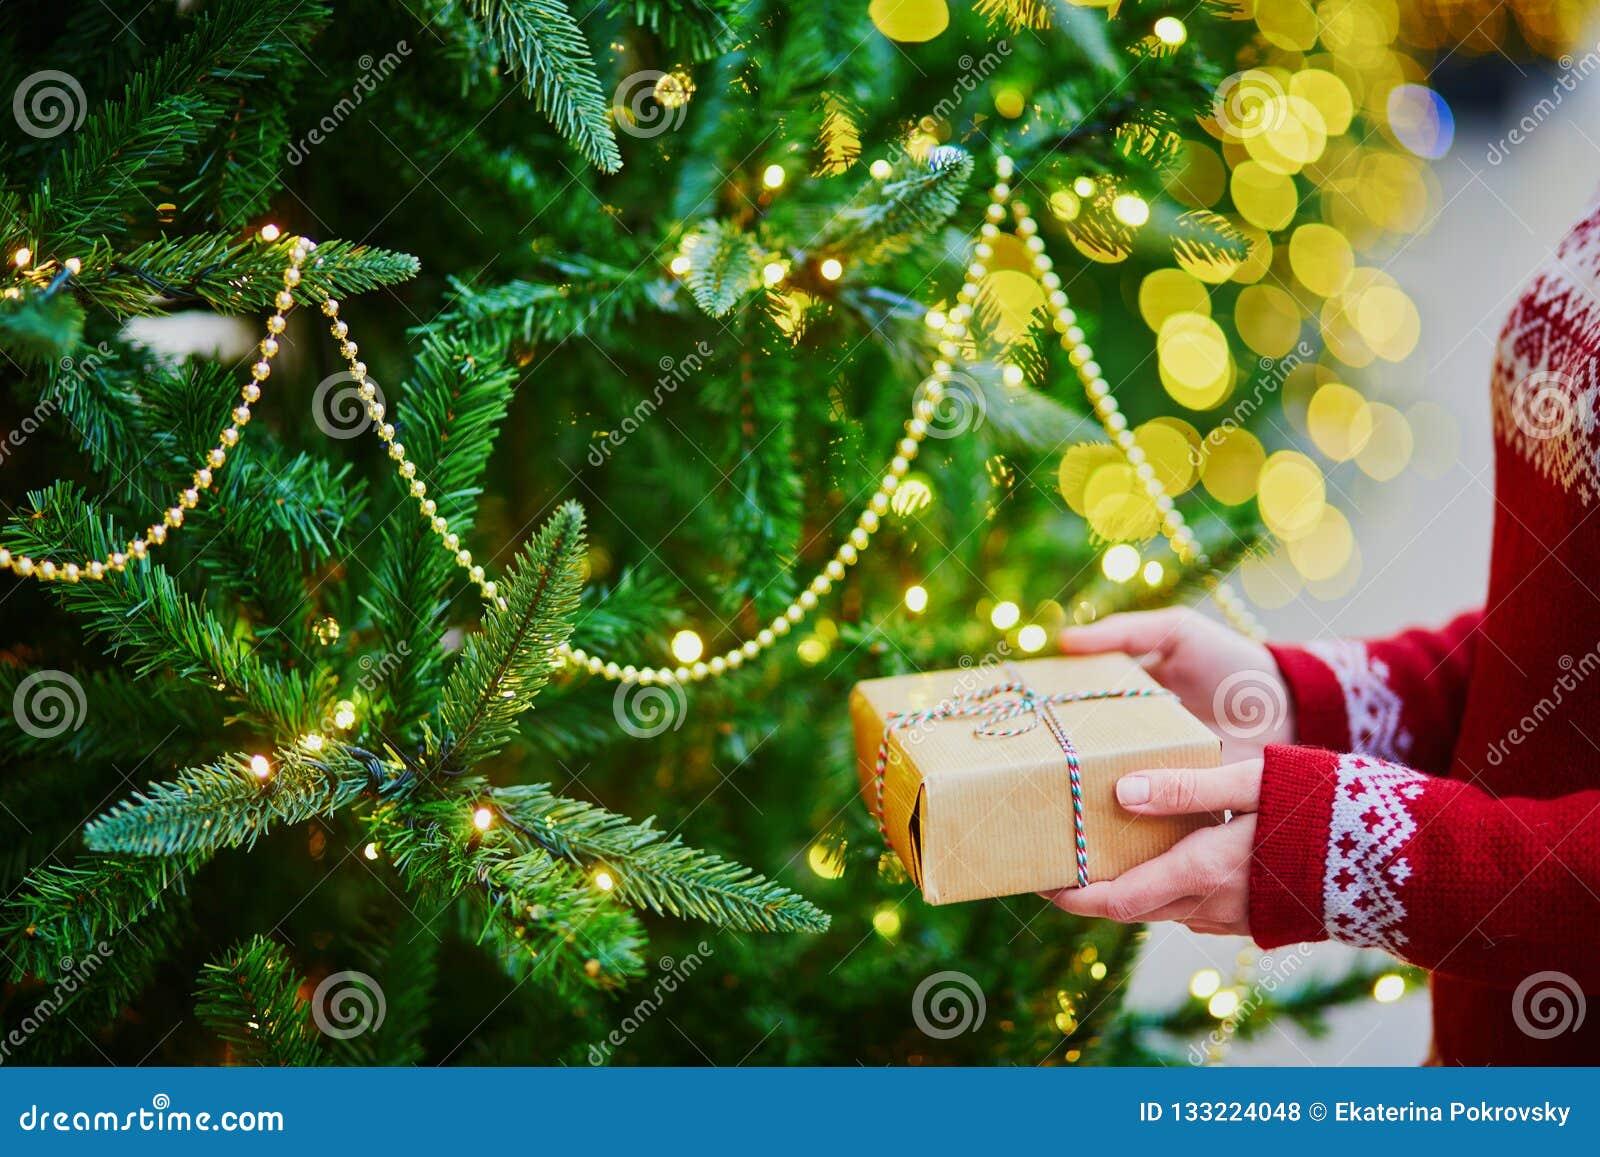 拿着圣诞节礼物的妇女手